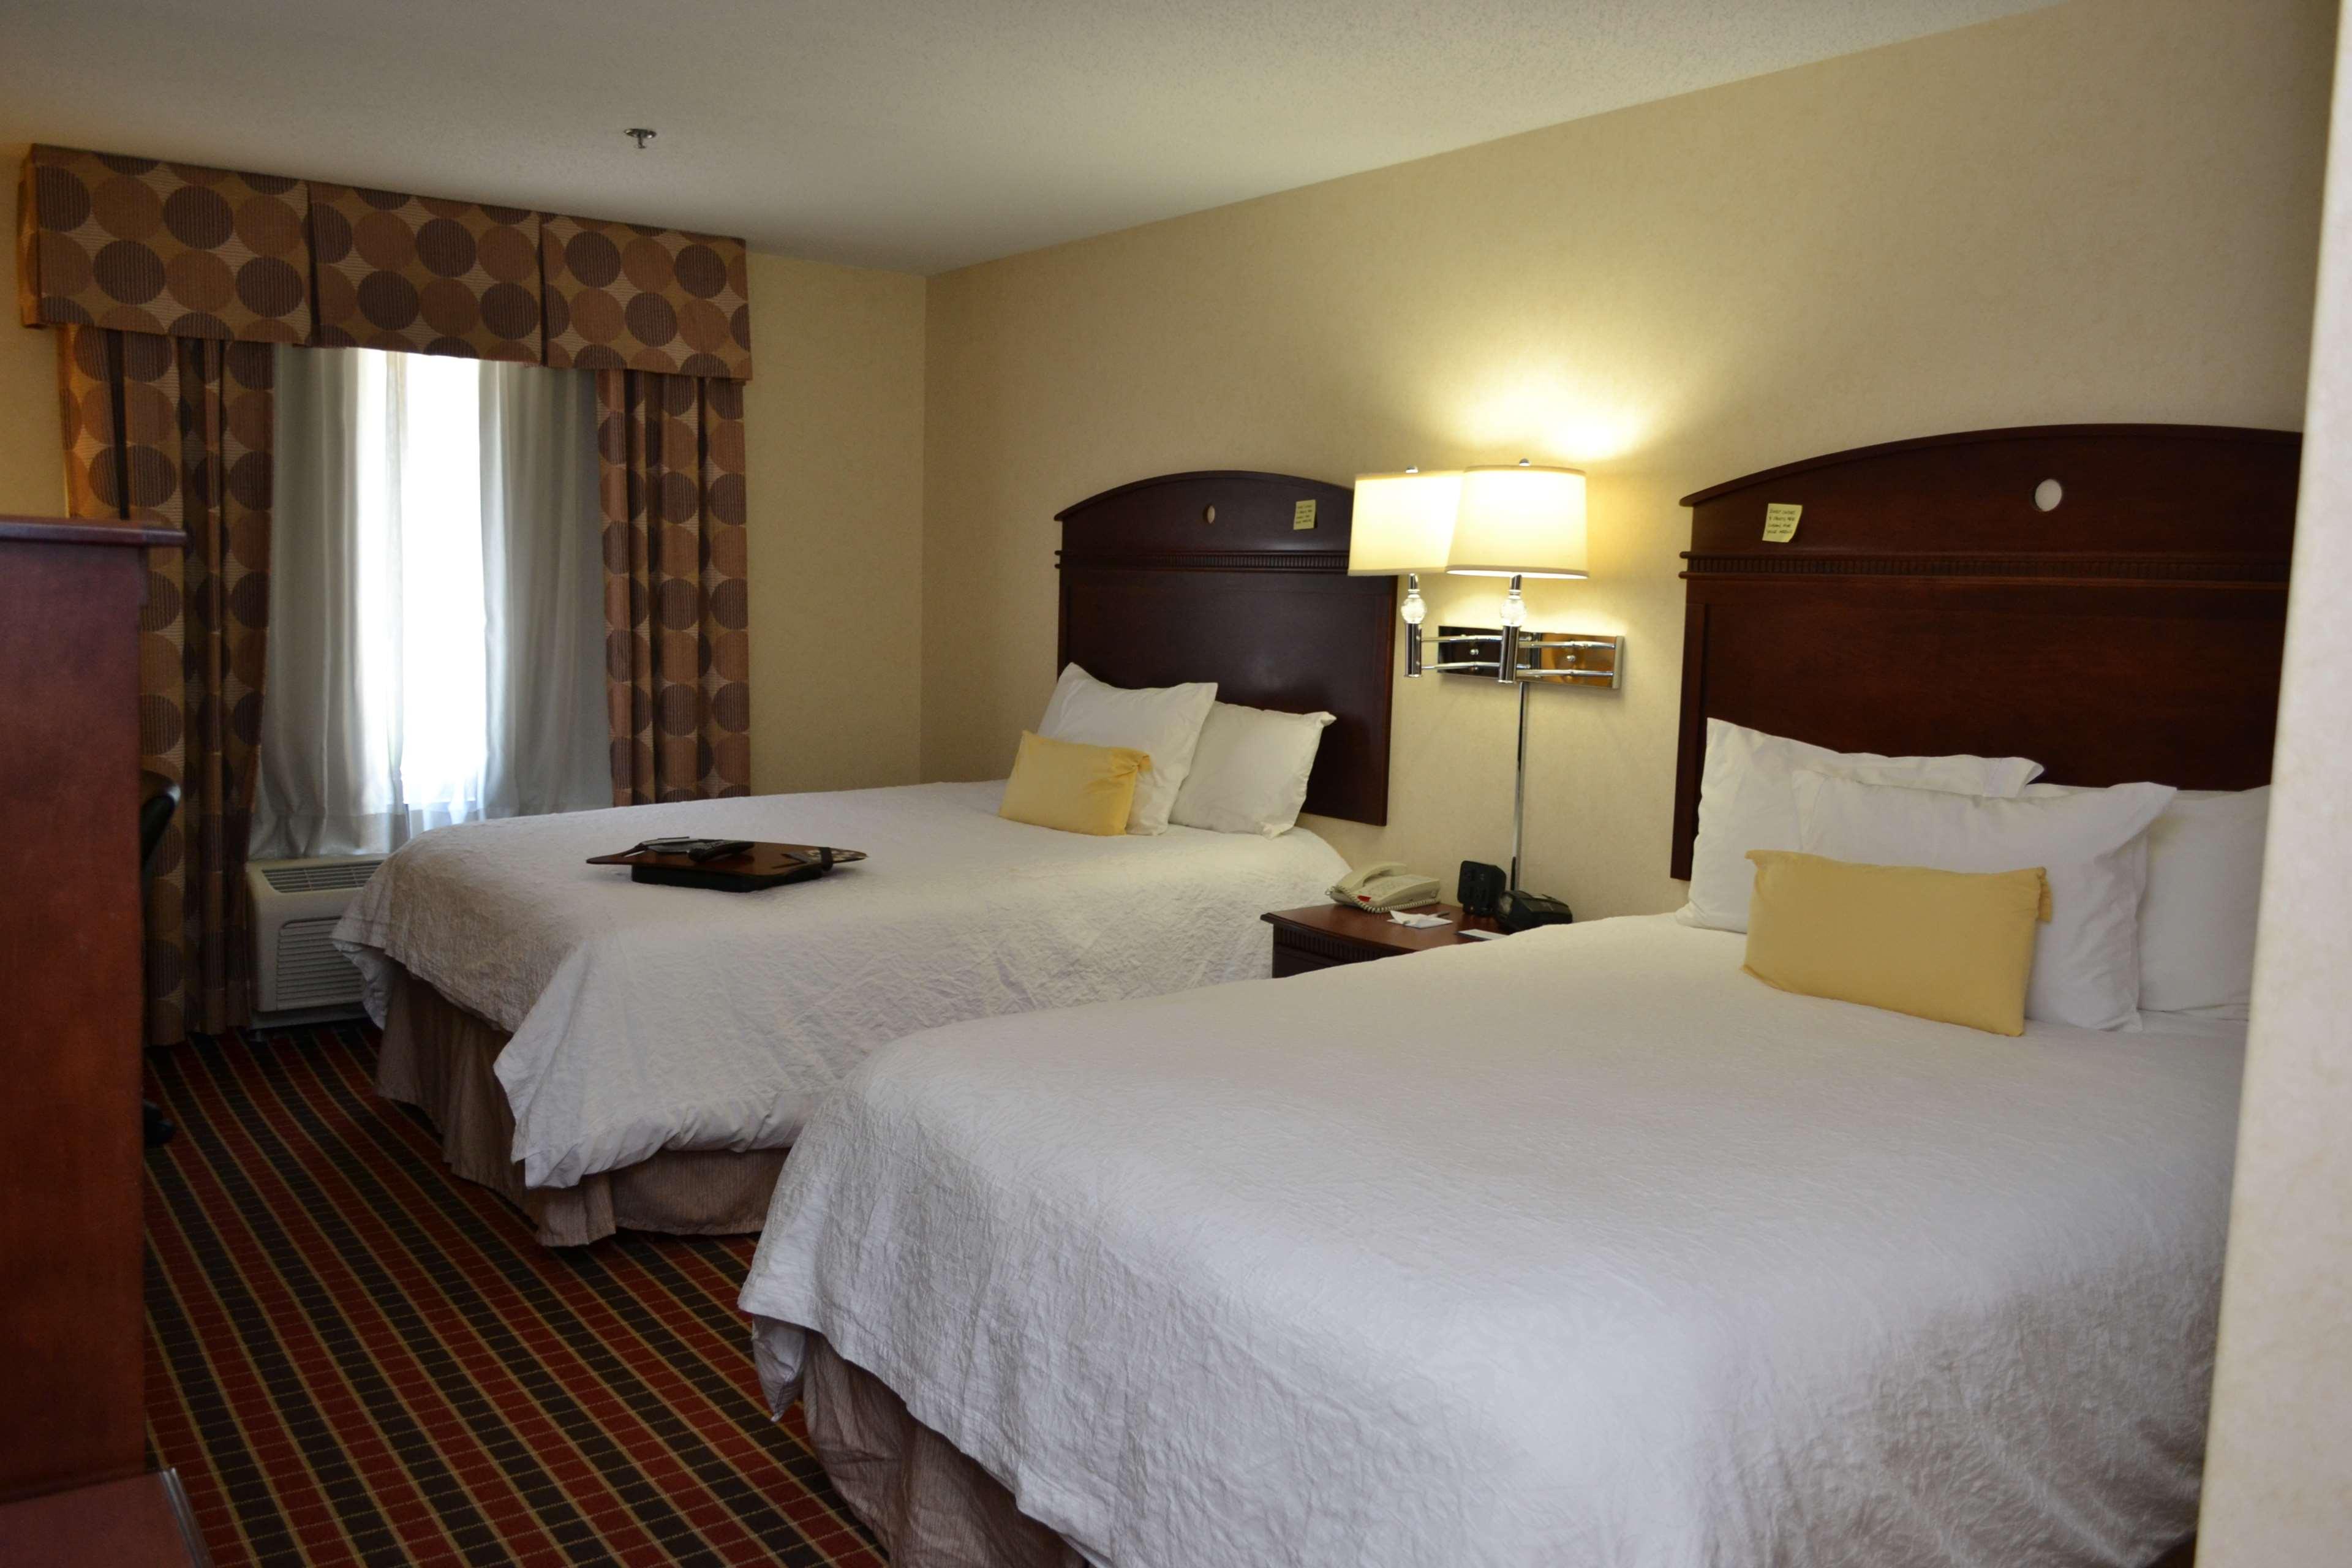 Hampton Inn & Suites Dayton-Airport image 0